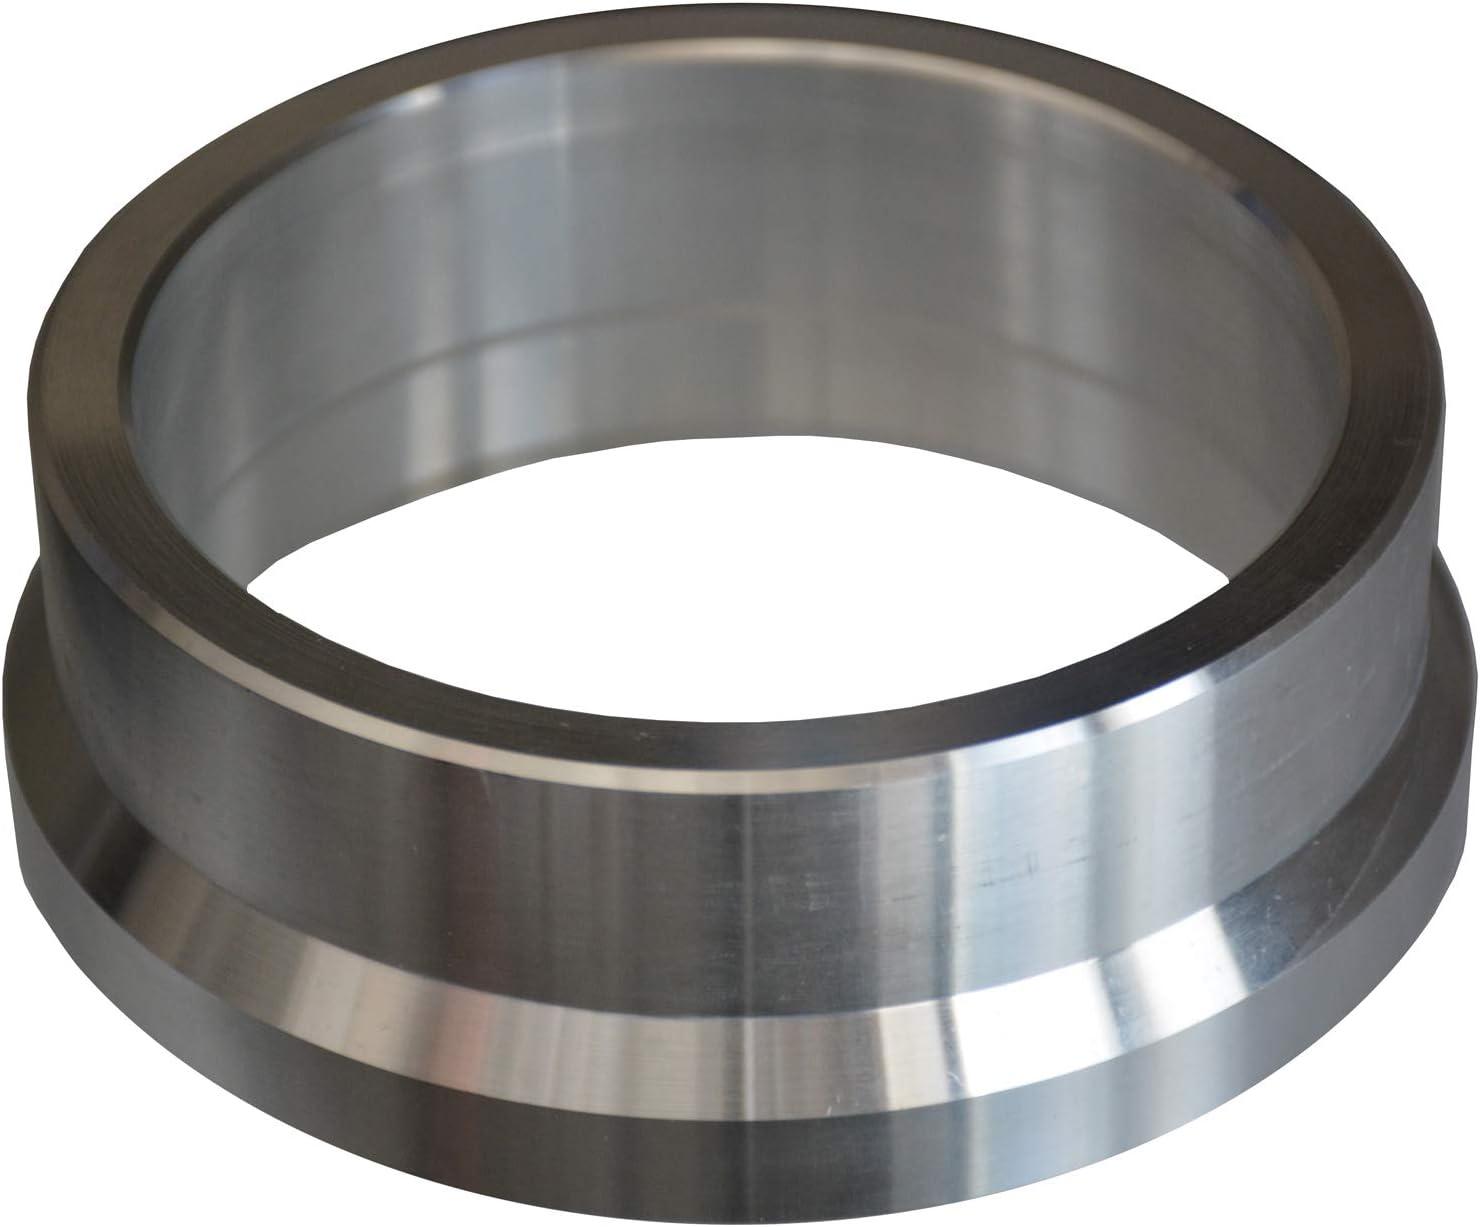 Michigan Motorsports LS Front and Rear Cover Seal Alignment Tool Fits 4.8 5.3 5.7 6.0 LS1 LS2 LS3 LS6 L99 LS4 LS9 LSA LQ4 LQ9